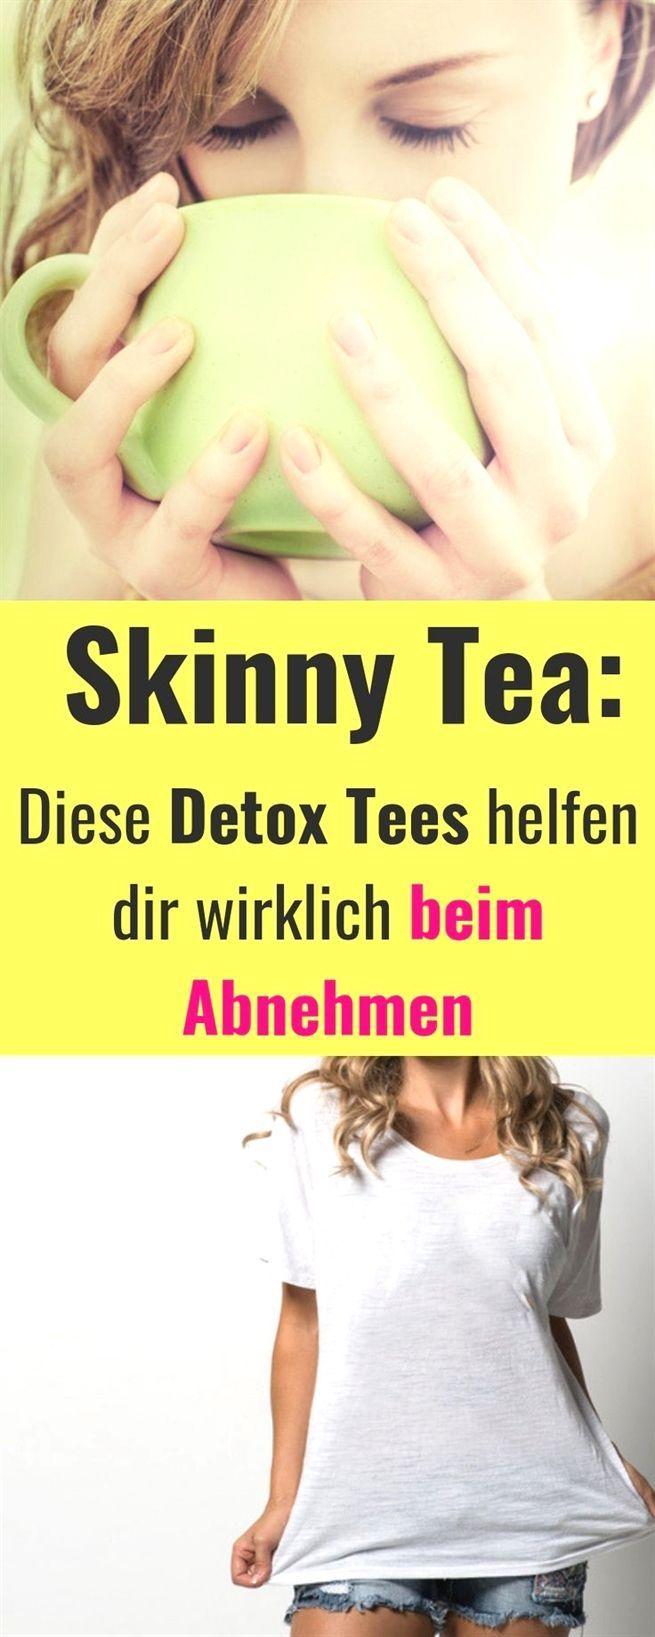 #Abnehmen mit Skinny Teas oder Detox Tee, Stoffwechsel..